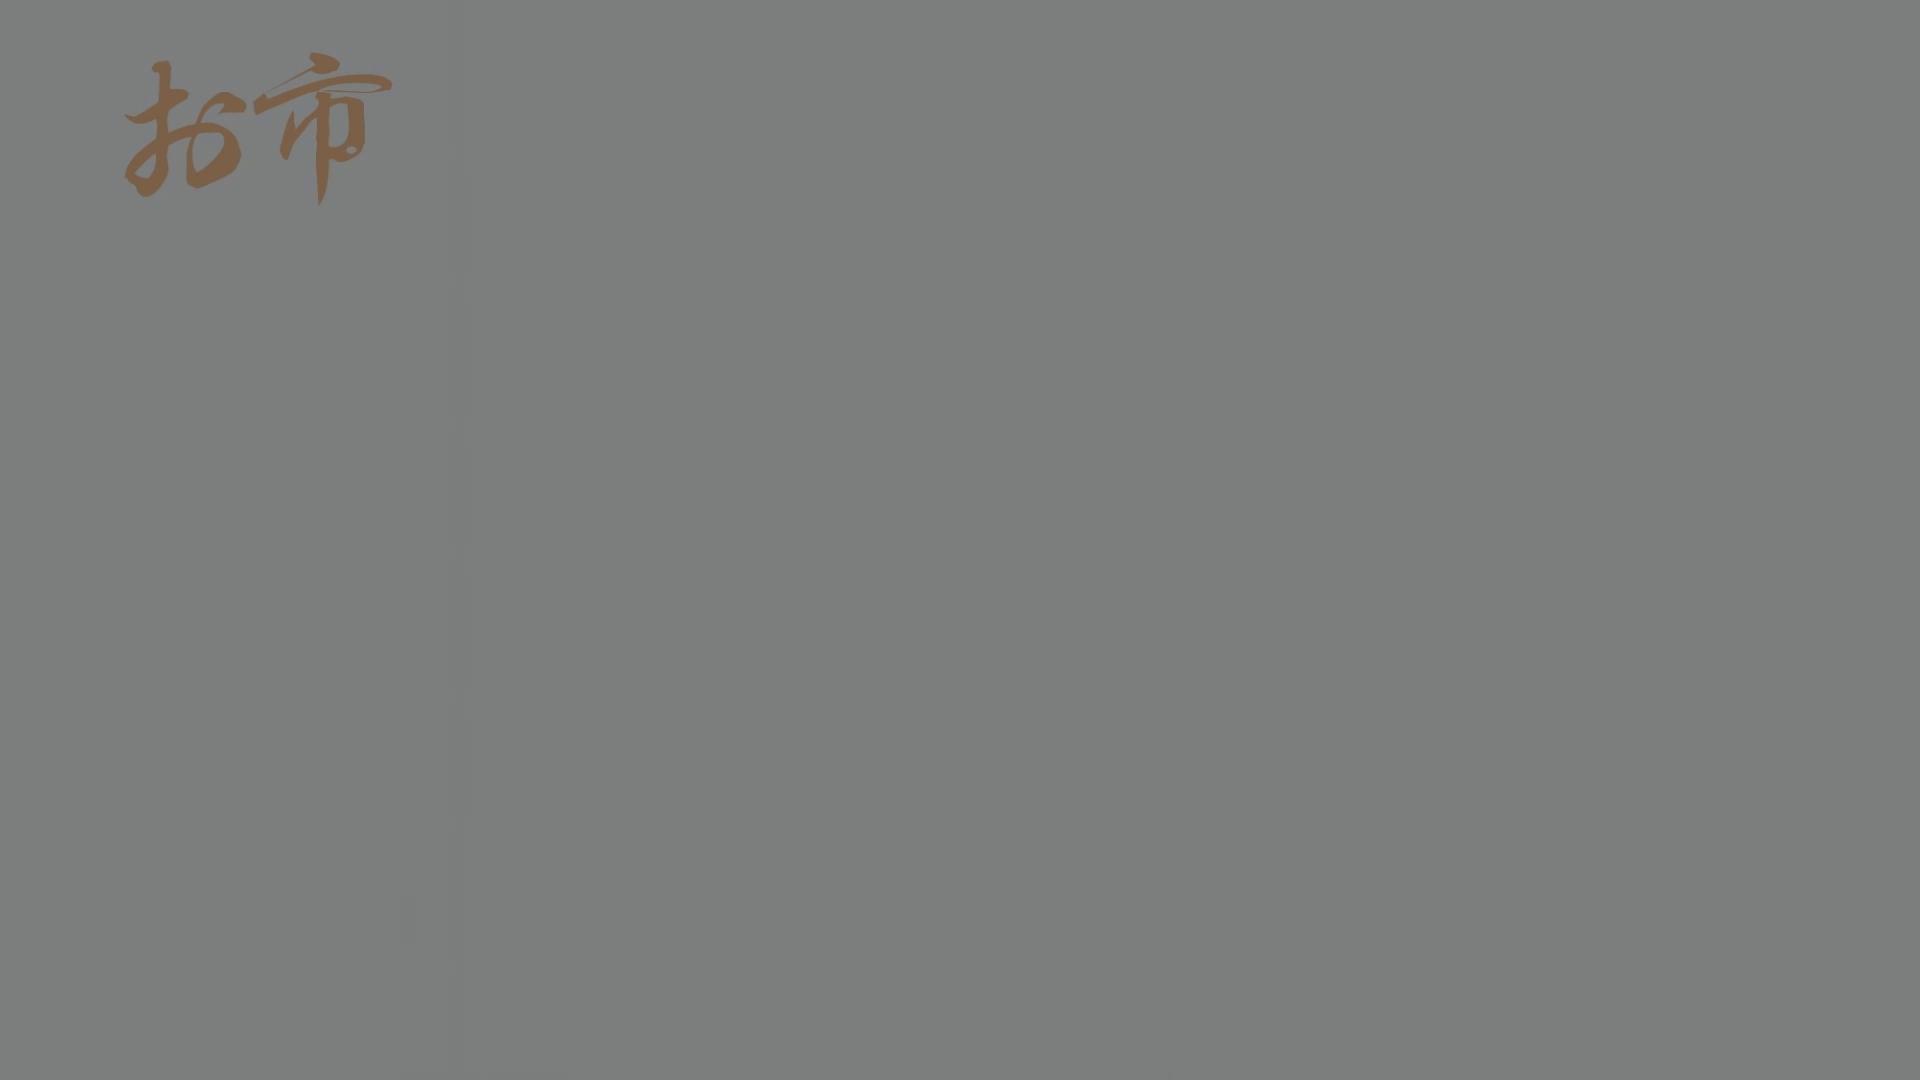 潜入!!台湾名門女学院 Vol.12 長身モデル驚き見たことないシチュエーション 細身 | 潜入  45画像 4